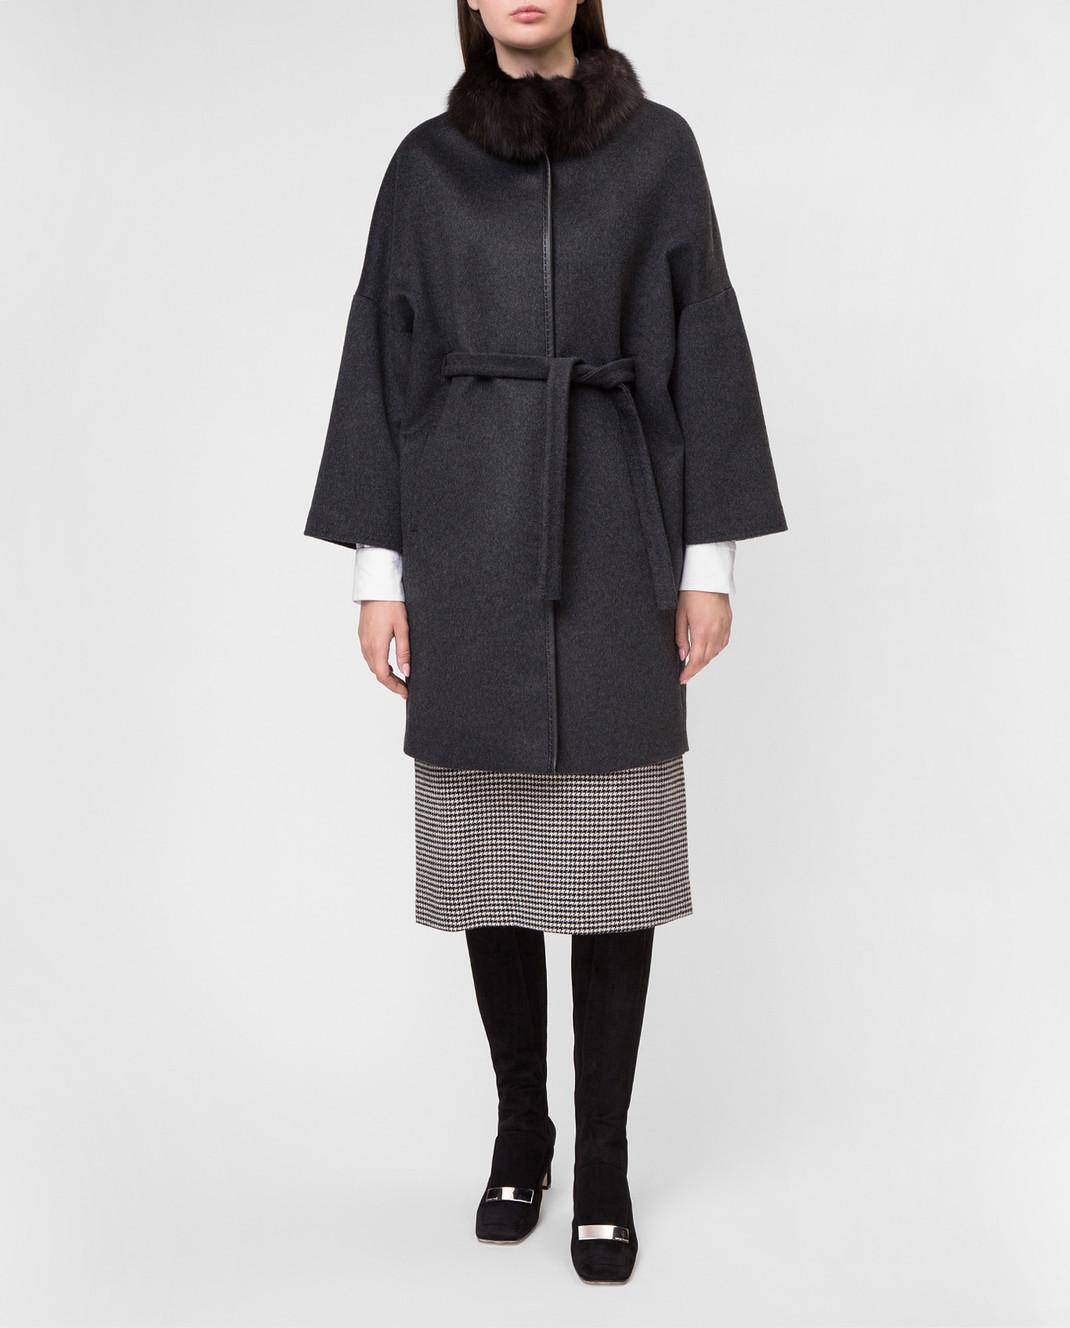 Real Furs House Темно-серое пальто CSR7177 изображение 2